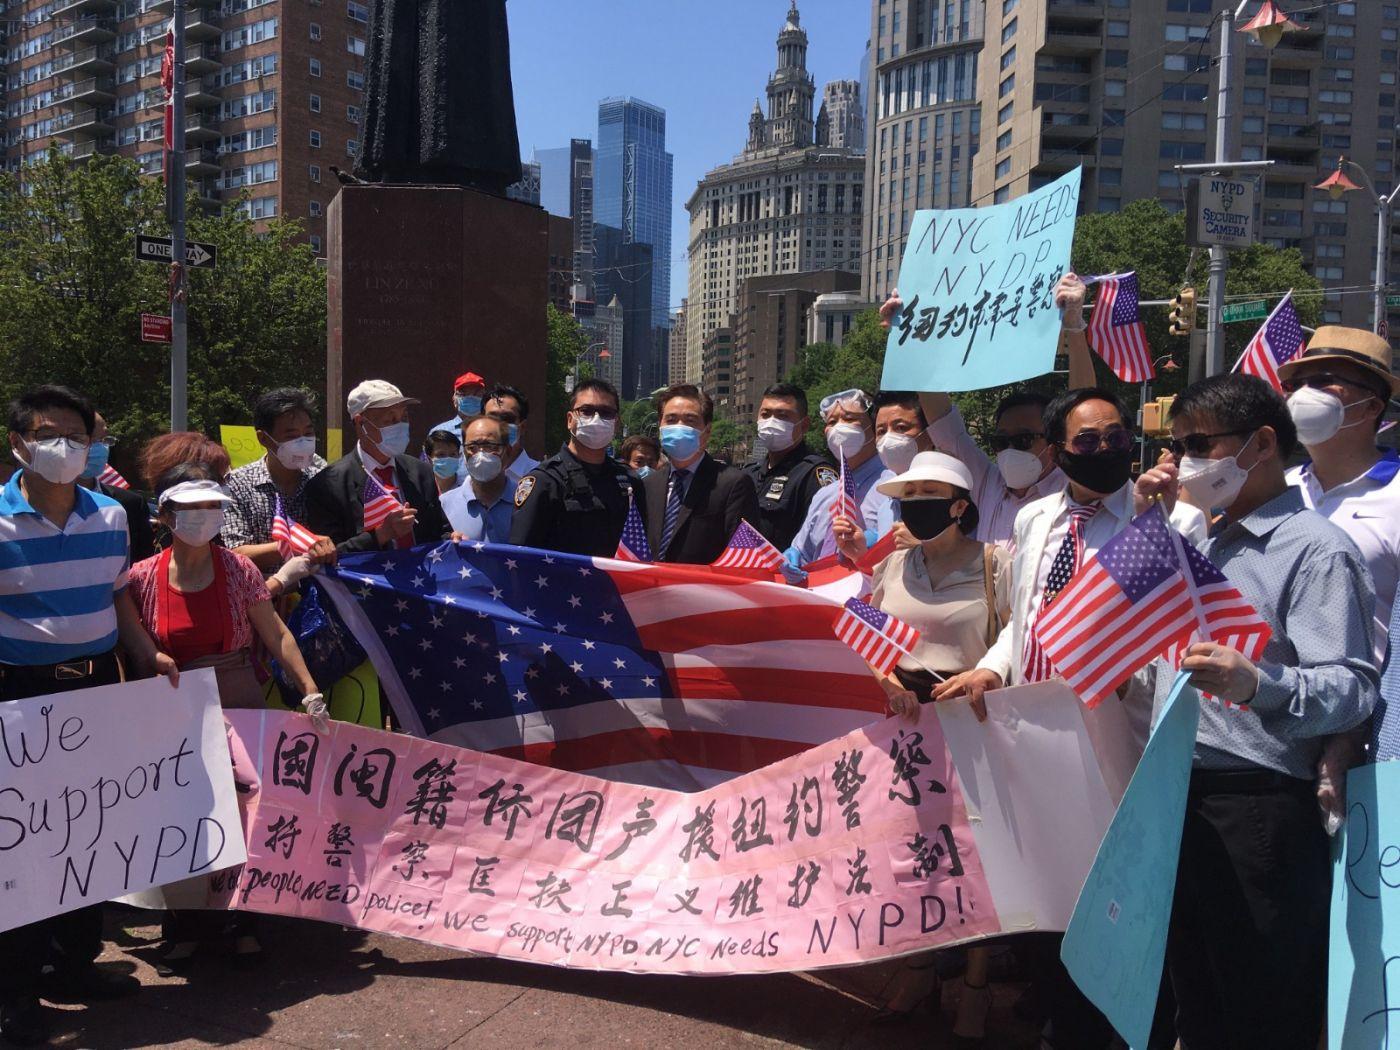 纽约华埠侨团声援支持纽约警察活动_图1-11